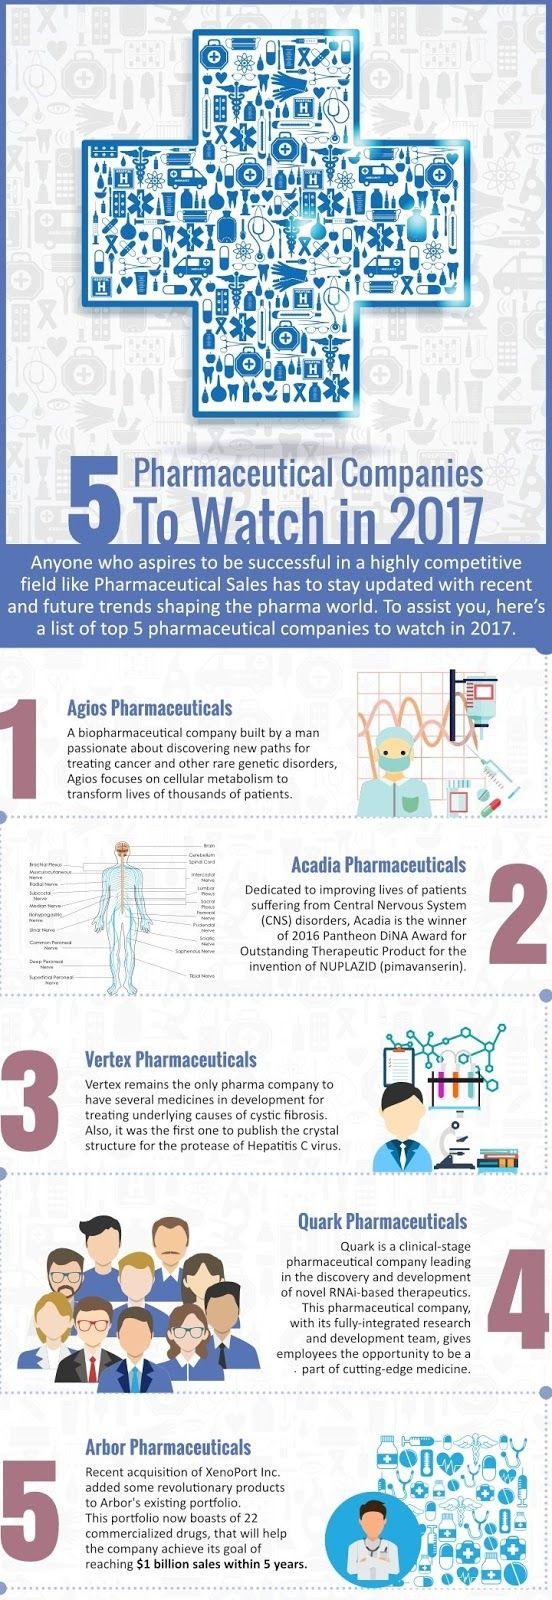 5 Empresas da Indústria Farmacêutica em quem Manter o Foco